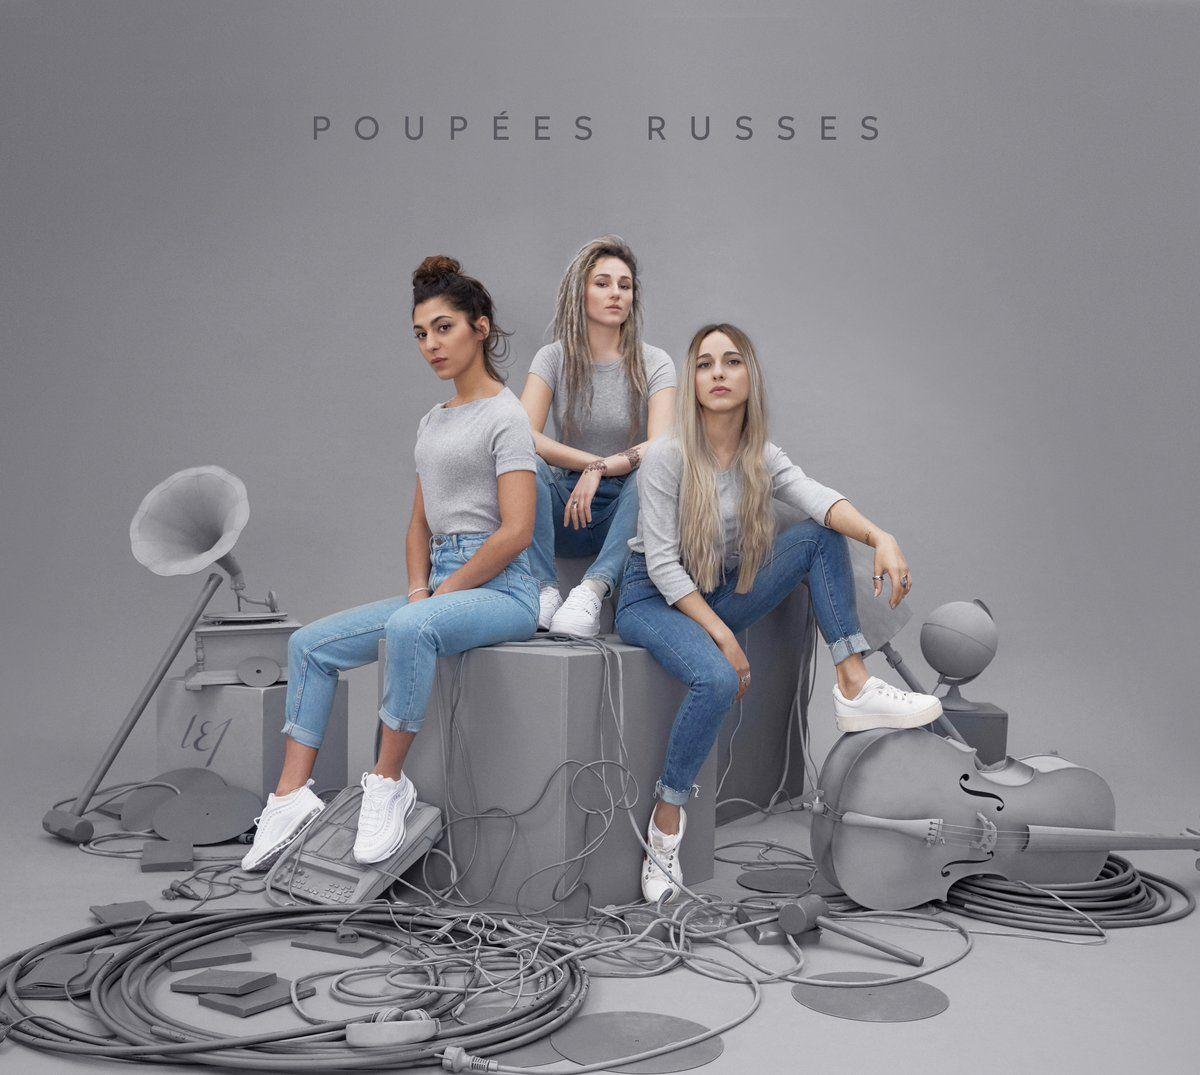 L.e.j - Poupées Russes album cover